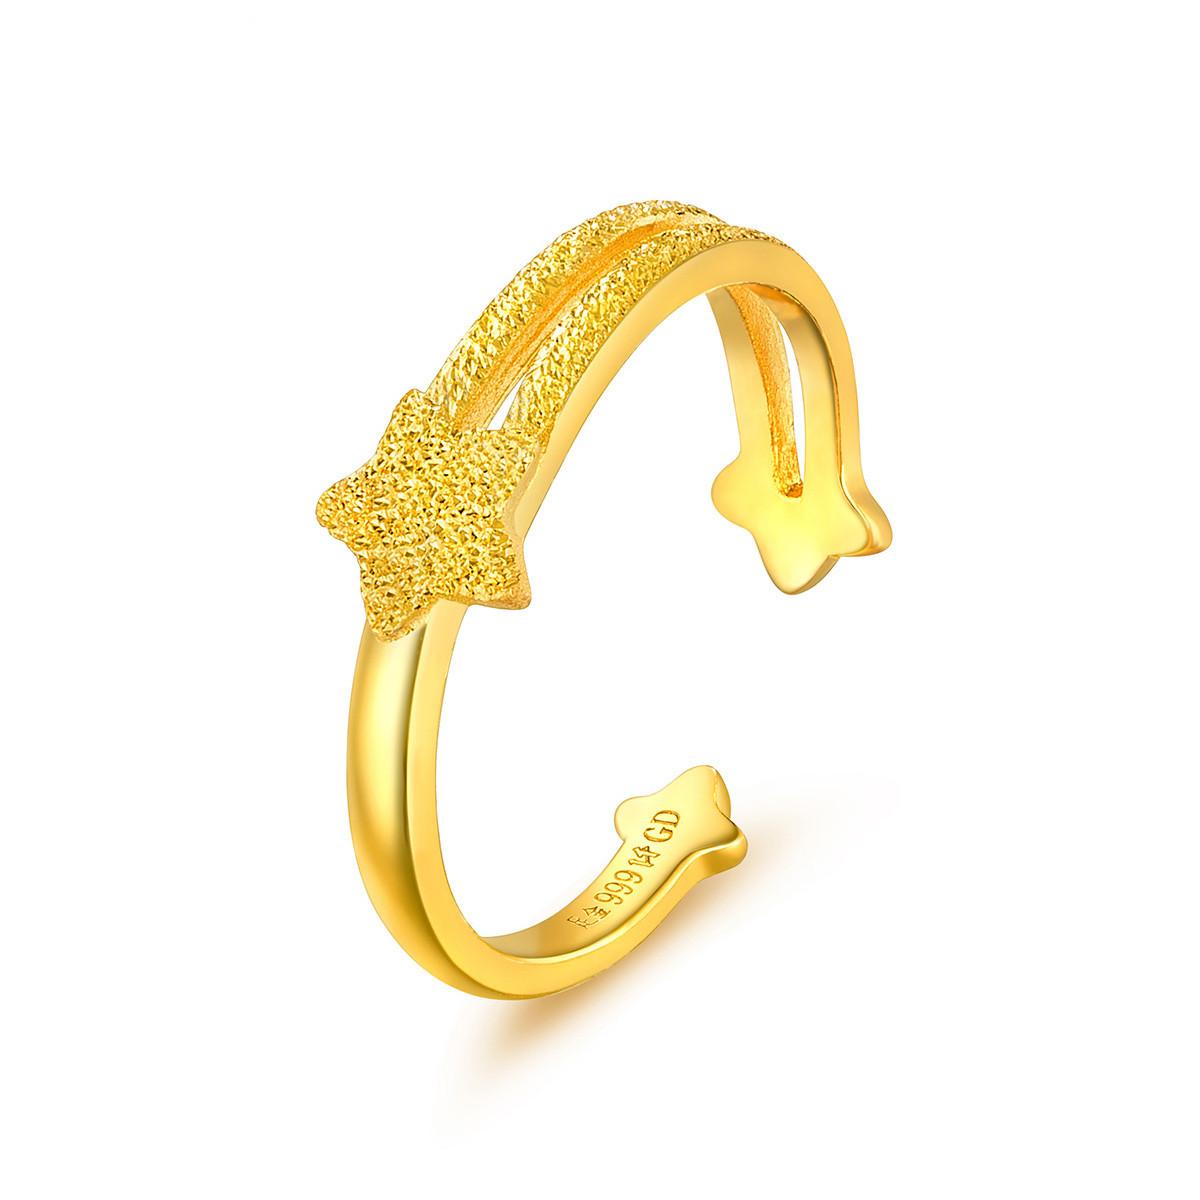 六福珠宝六福珠宝 星语心愿黄金戒指开口戒指女戒计价GDGTBR0018